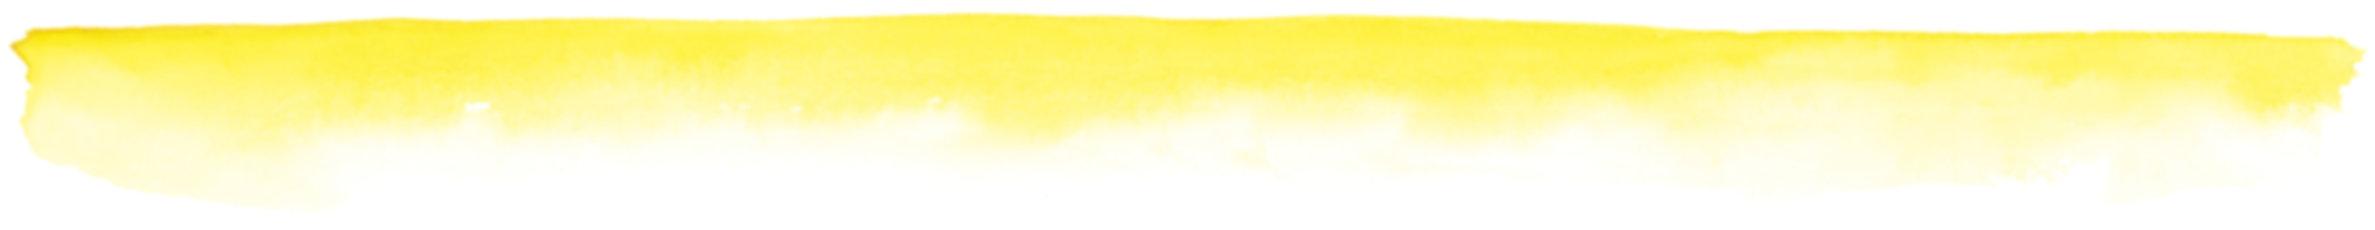 101b.jpg